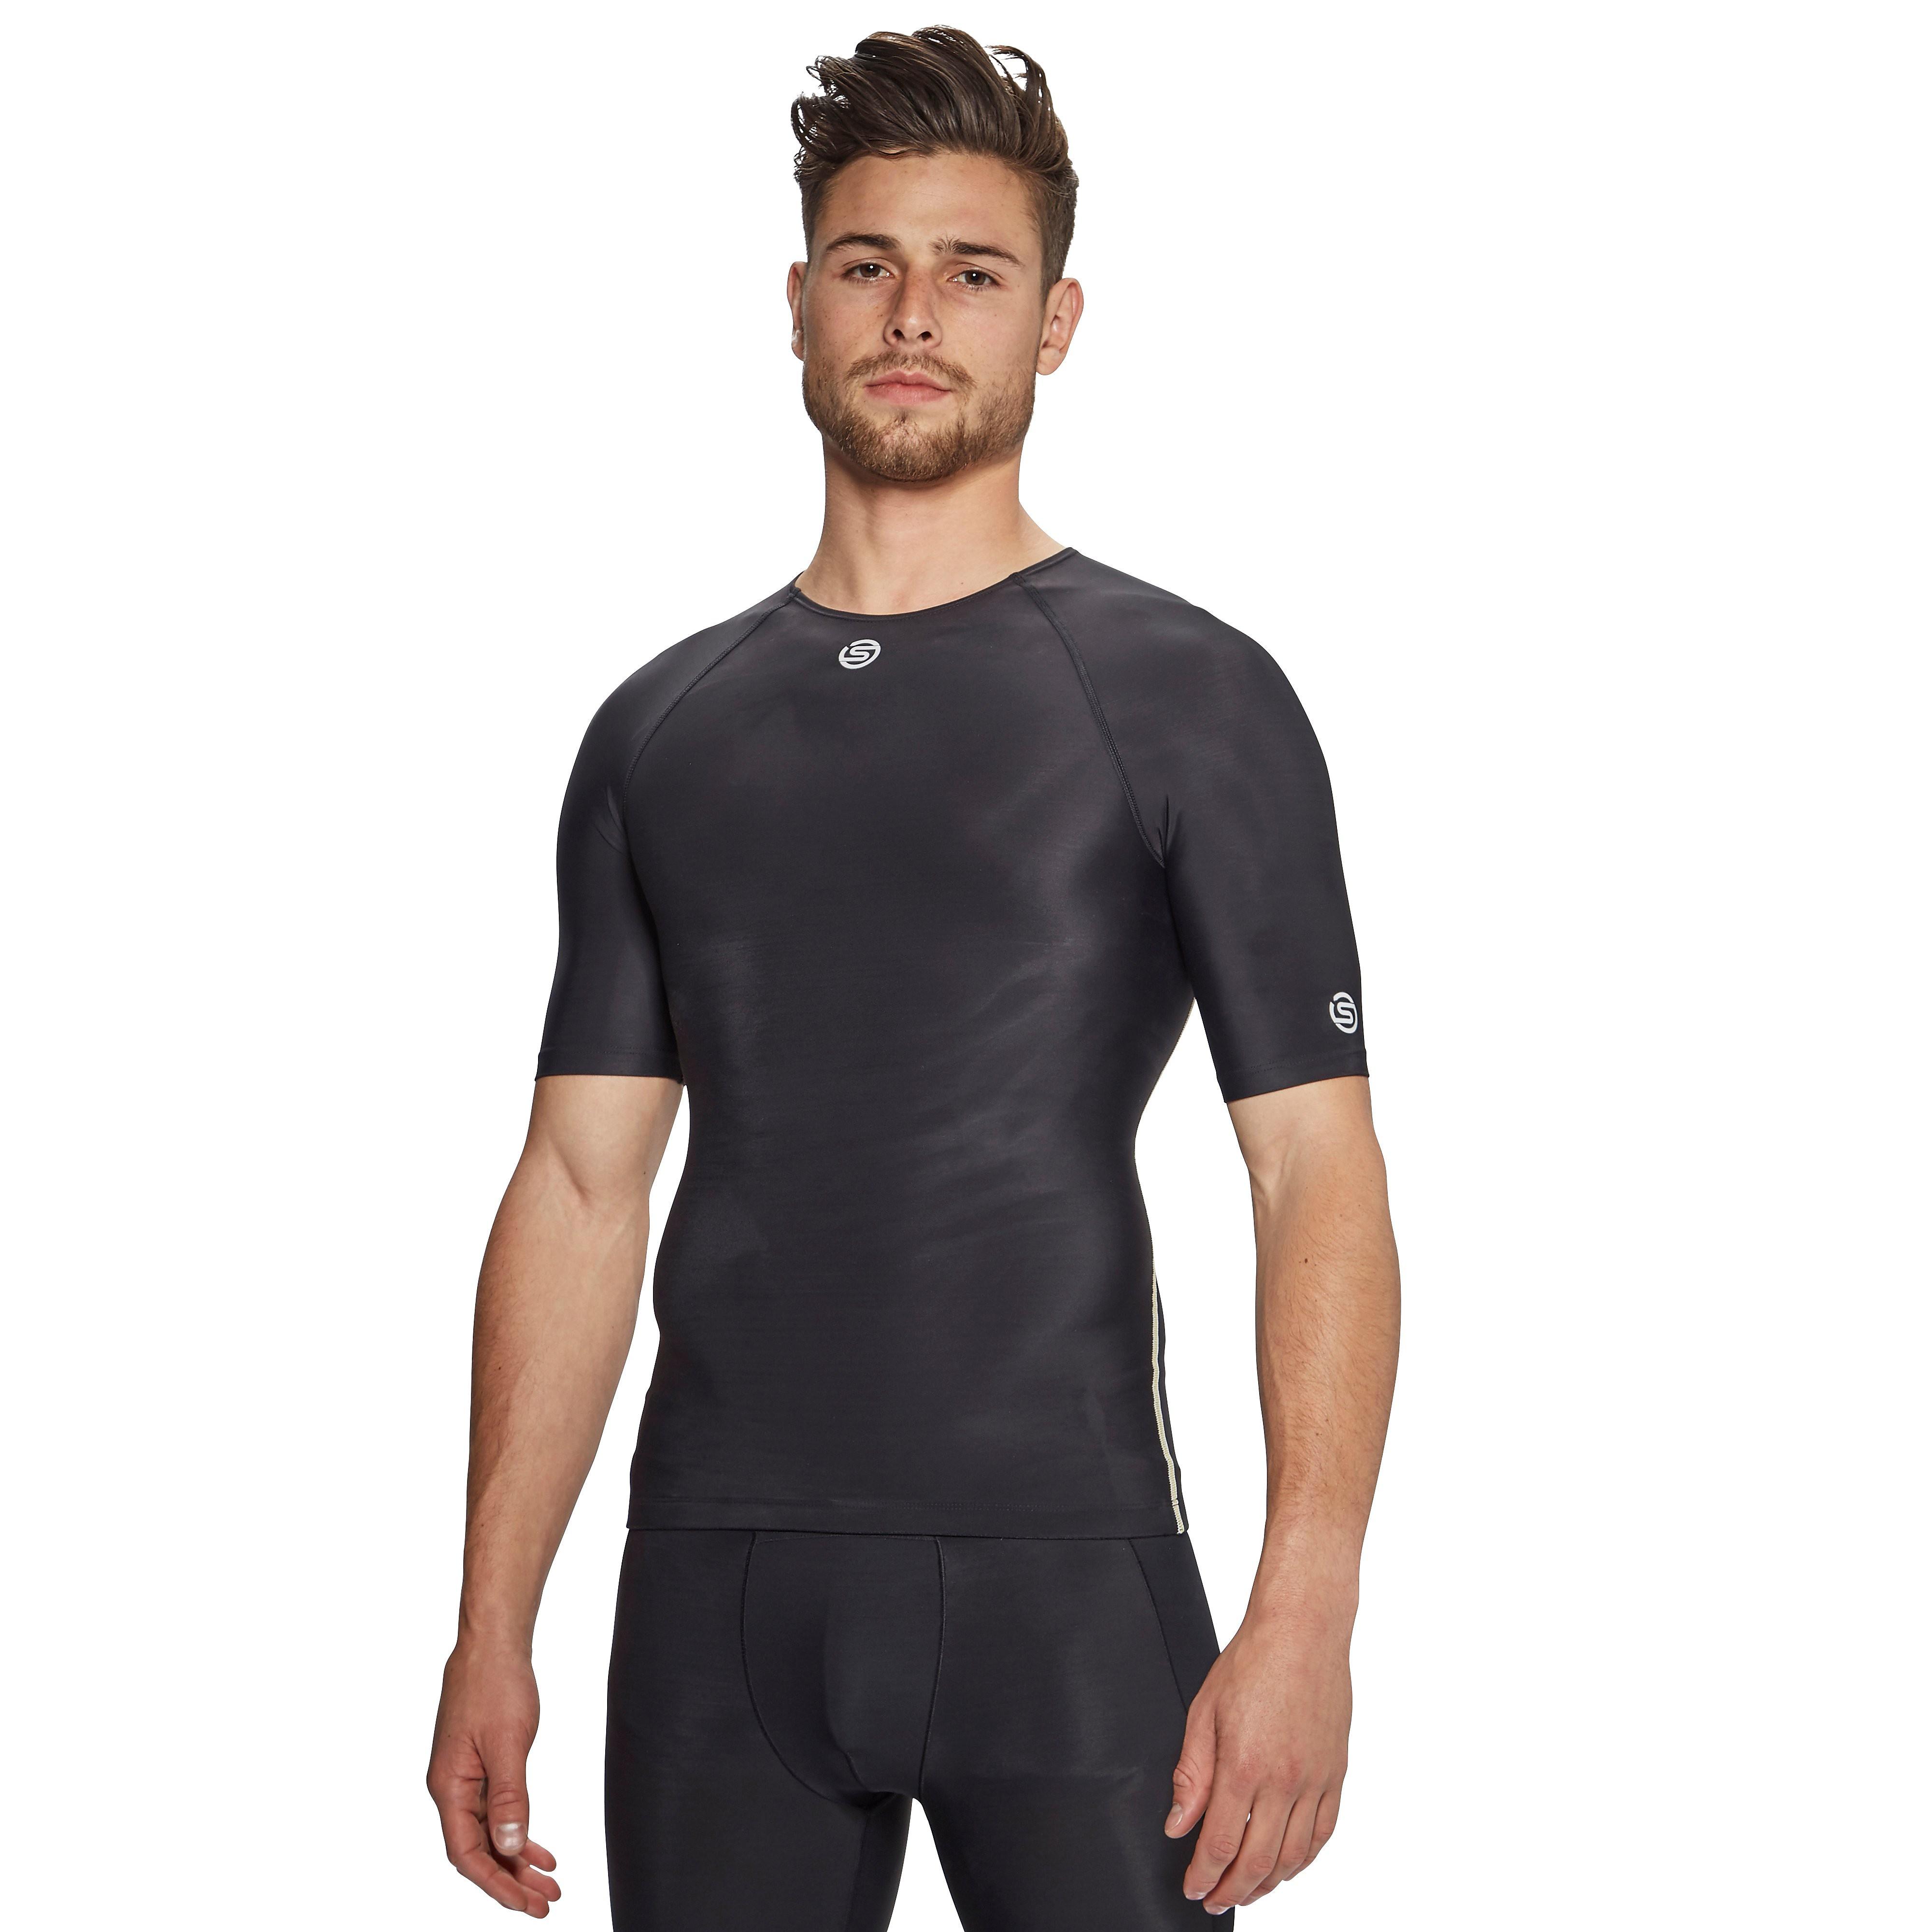 Skins DNAMIC Men's Compression T-Shirt